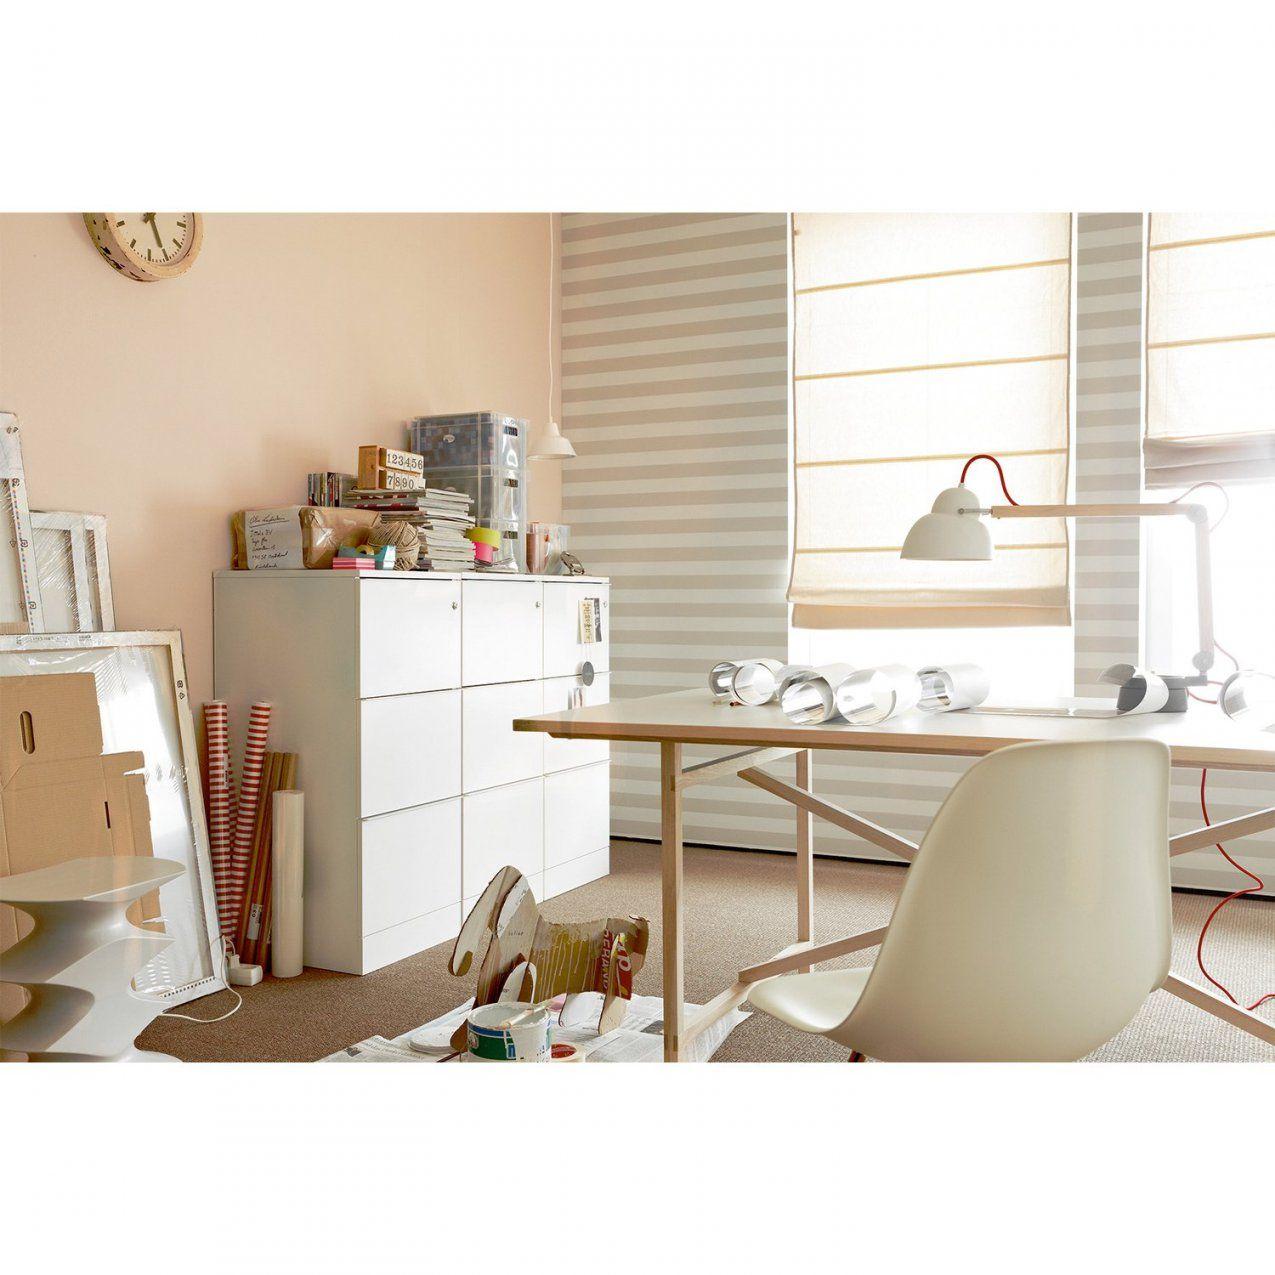 Schöner Wohnen Trendfarbe Sand Matt 1 L Kaufen Bei Obi von Wandfarben Schöner Wohnen Farbpalette Bild